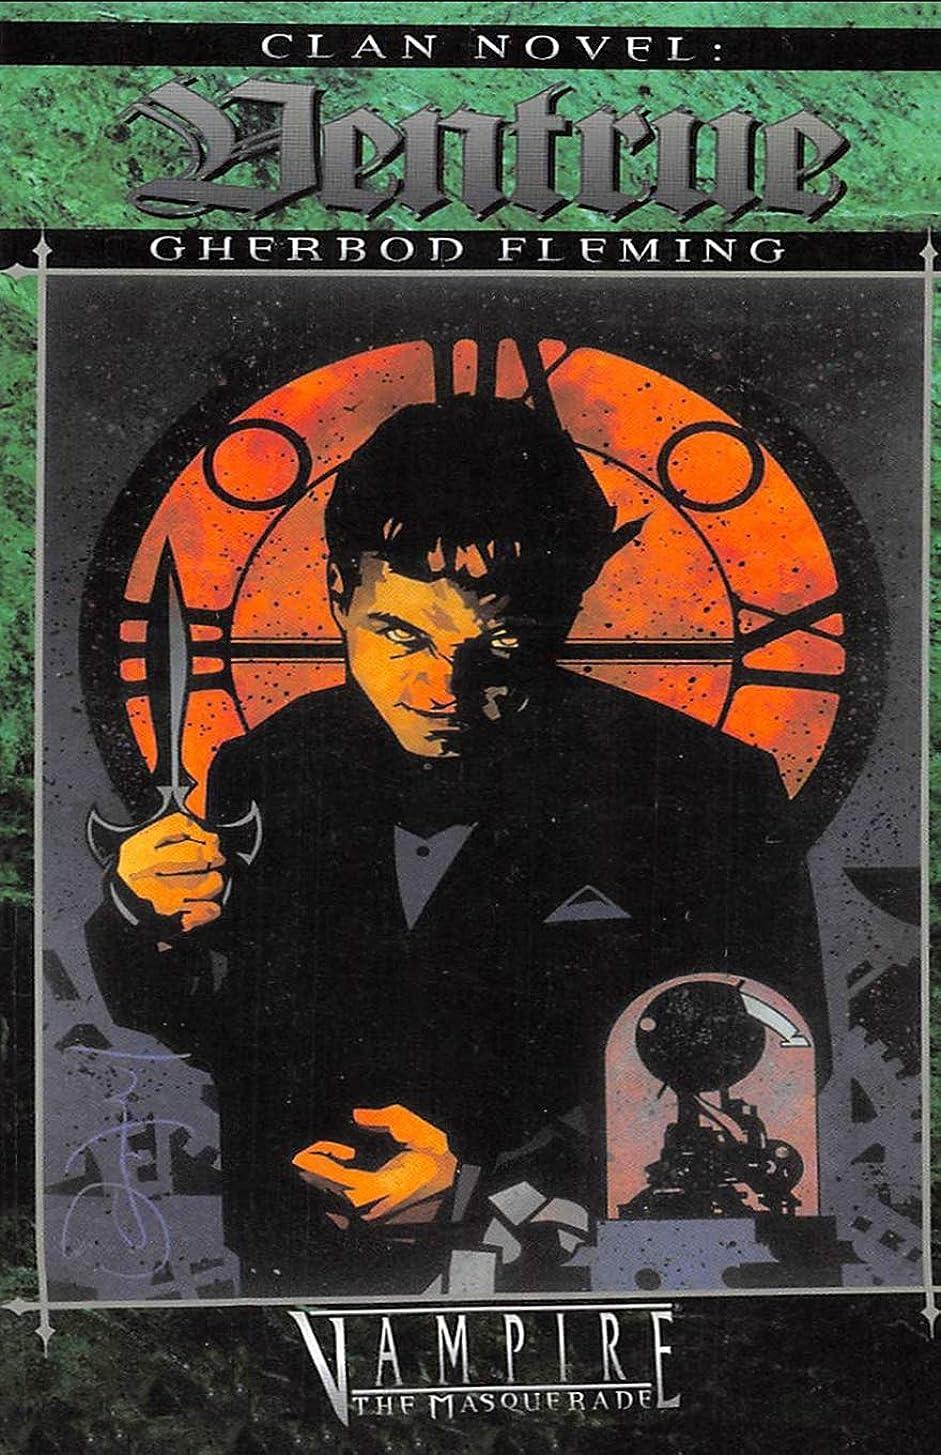 負担素晴らしい良い多くの幸運なことにClan Novel Ventrue: Book 5 of the Clan Novel Saga